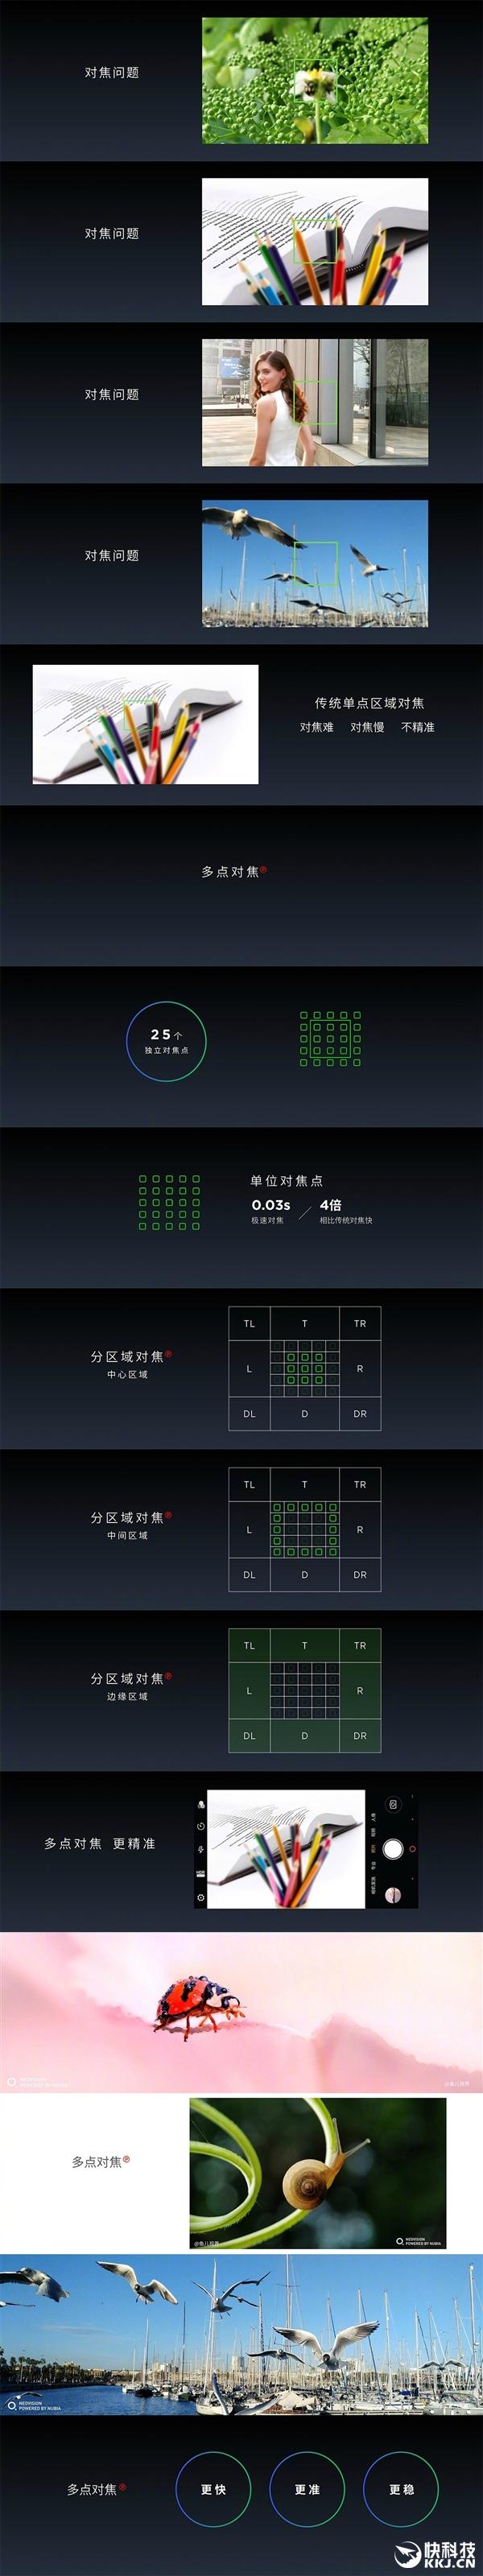 2999元燃爆!努比亚全面屏2.1 Z17S发布:屏占比超90%